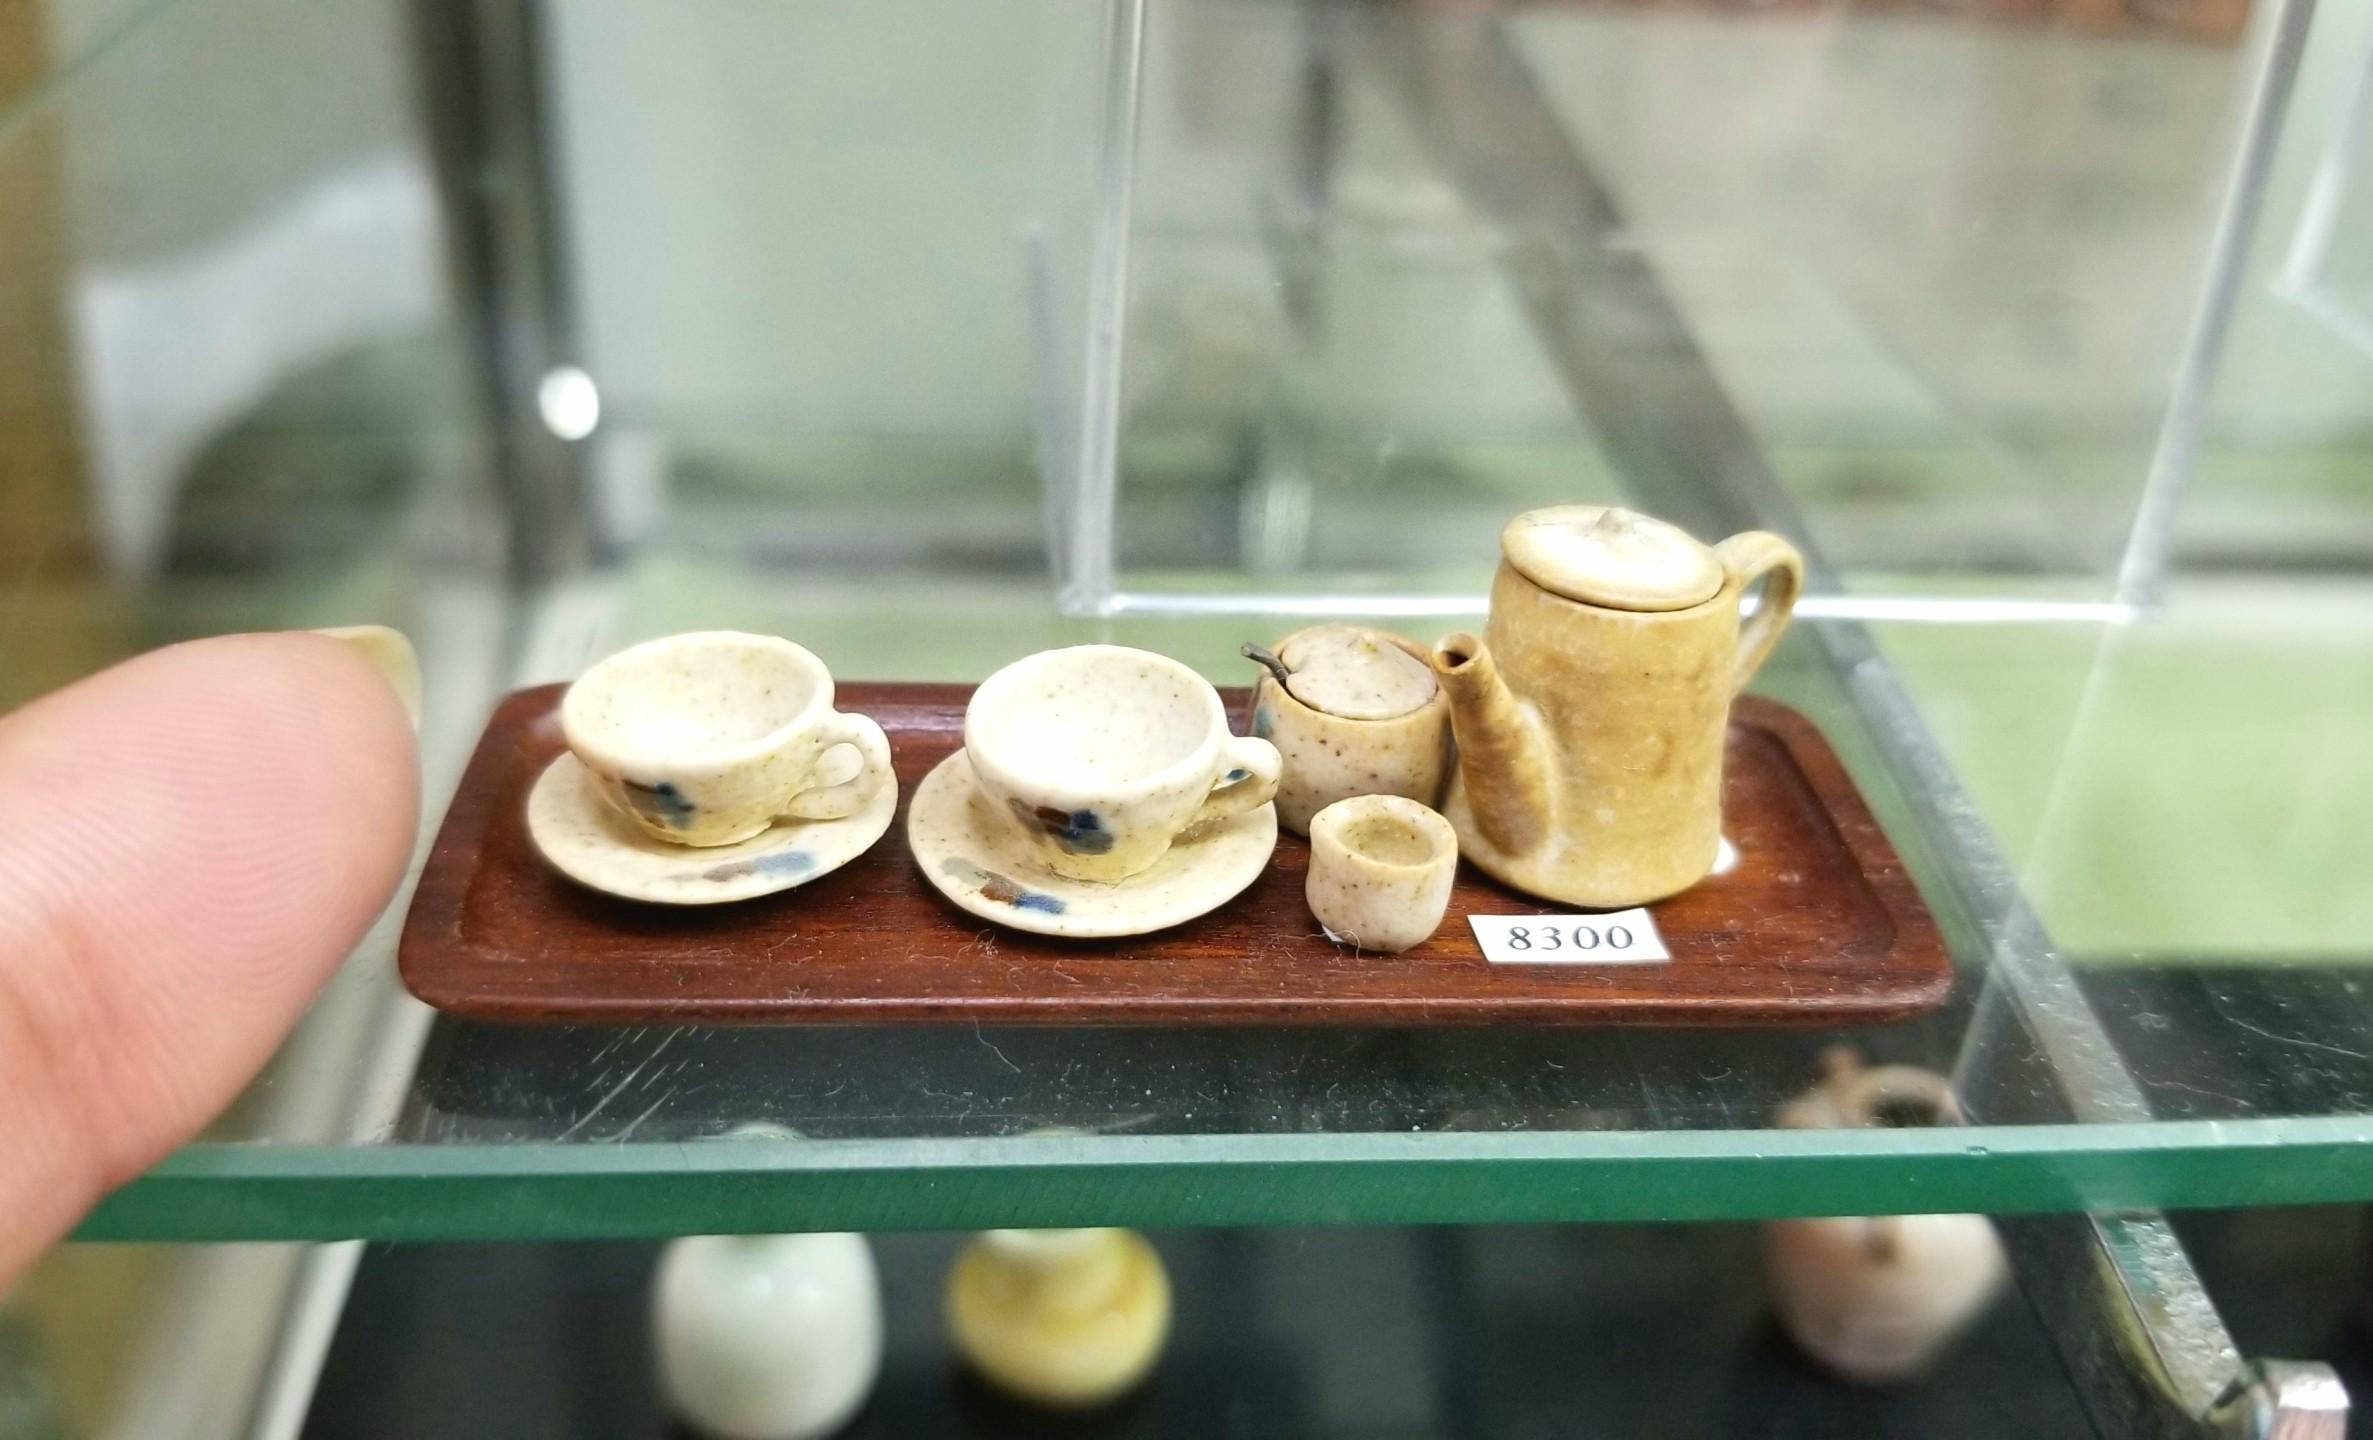 ミニチュア, 陶器, 食器, 焼き物, 山野照人, 創造人